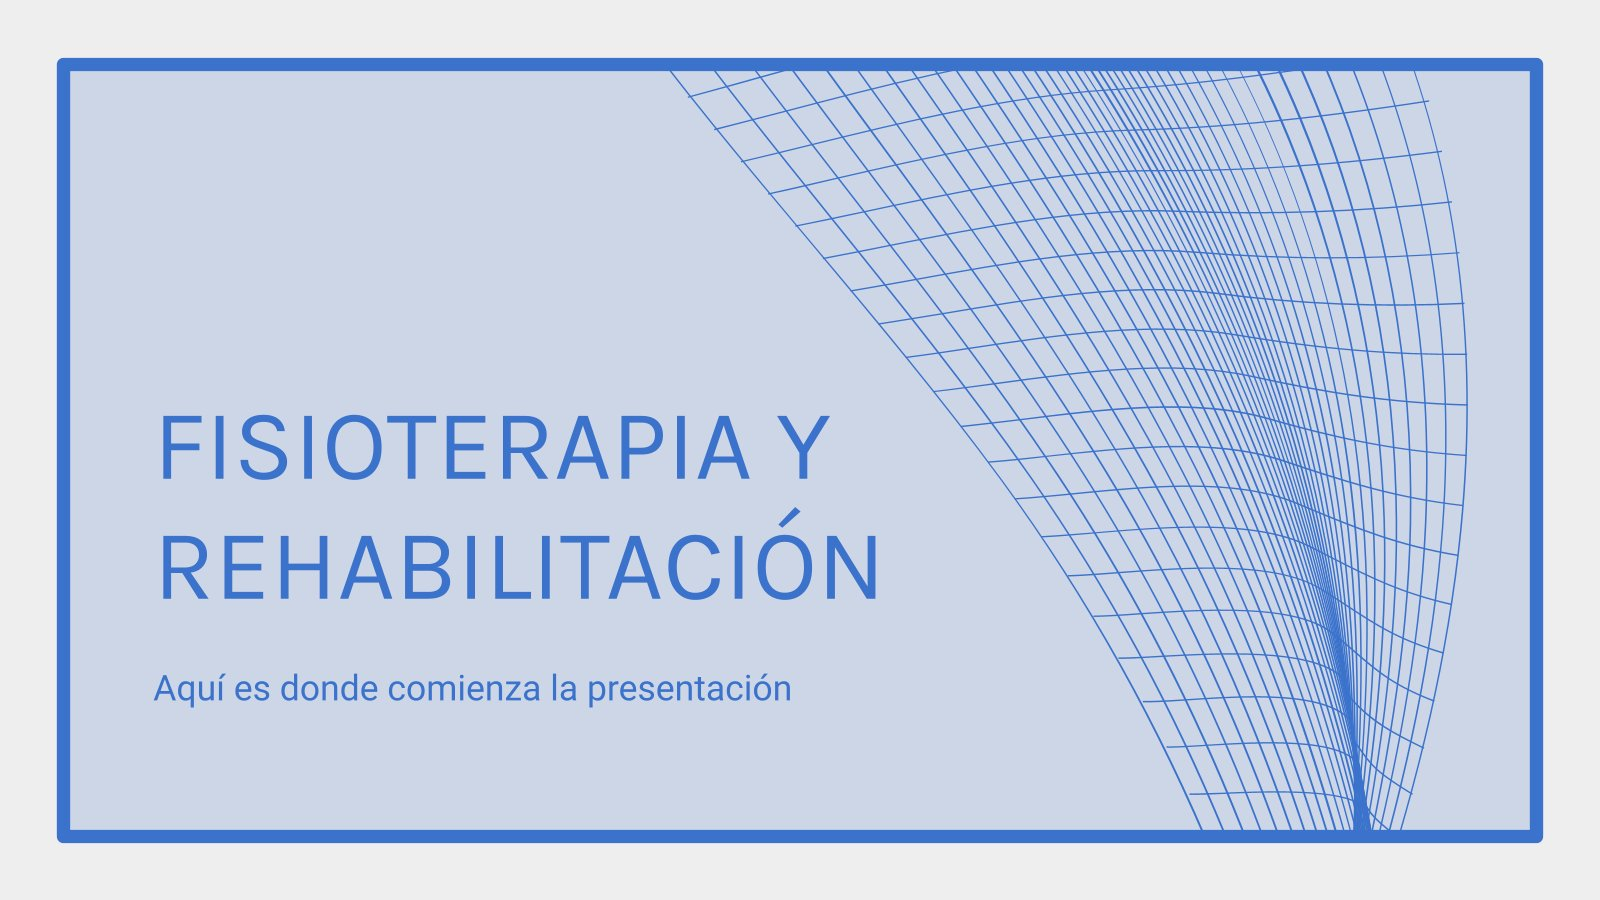 Plantilla de presentación Fisioterapia y rehabilitación